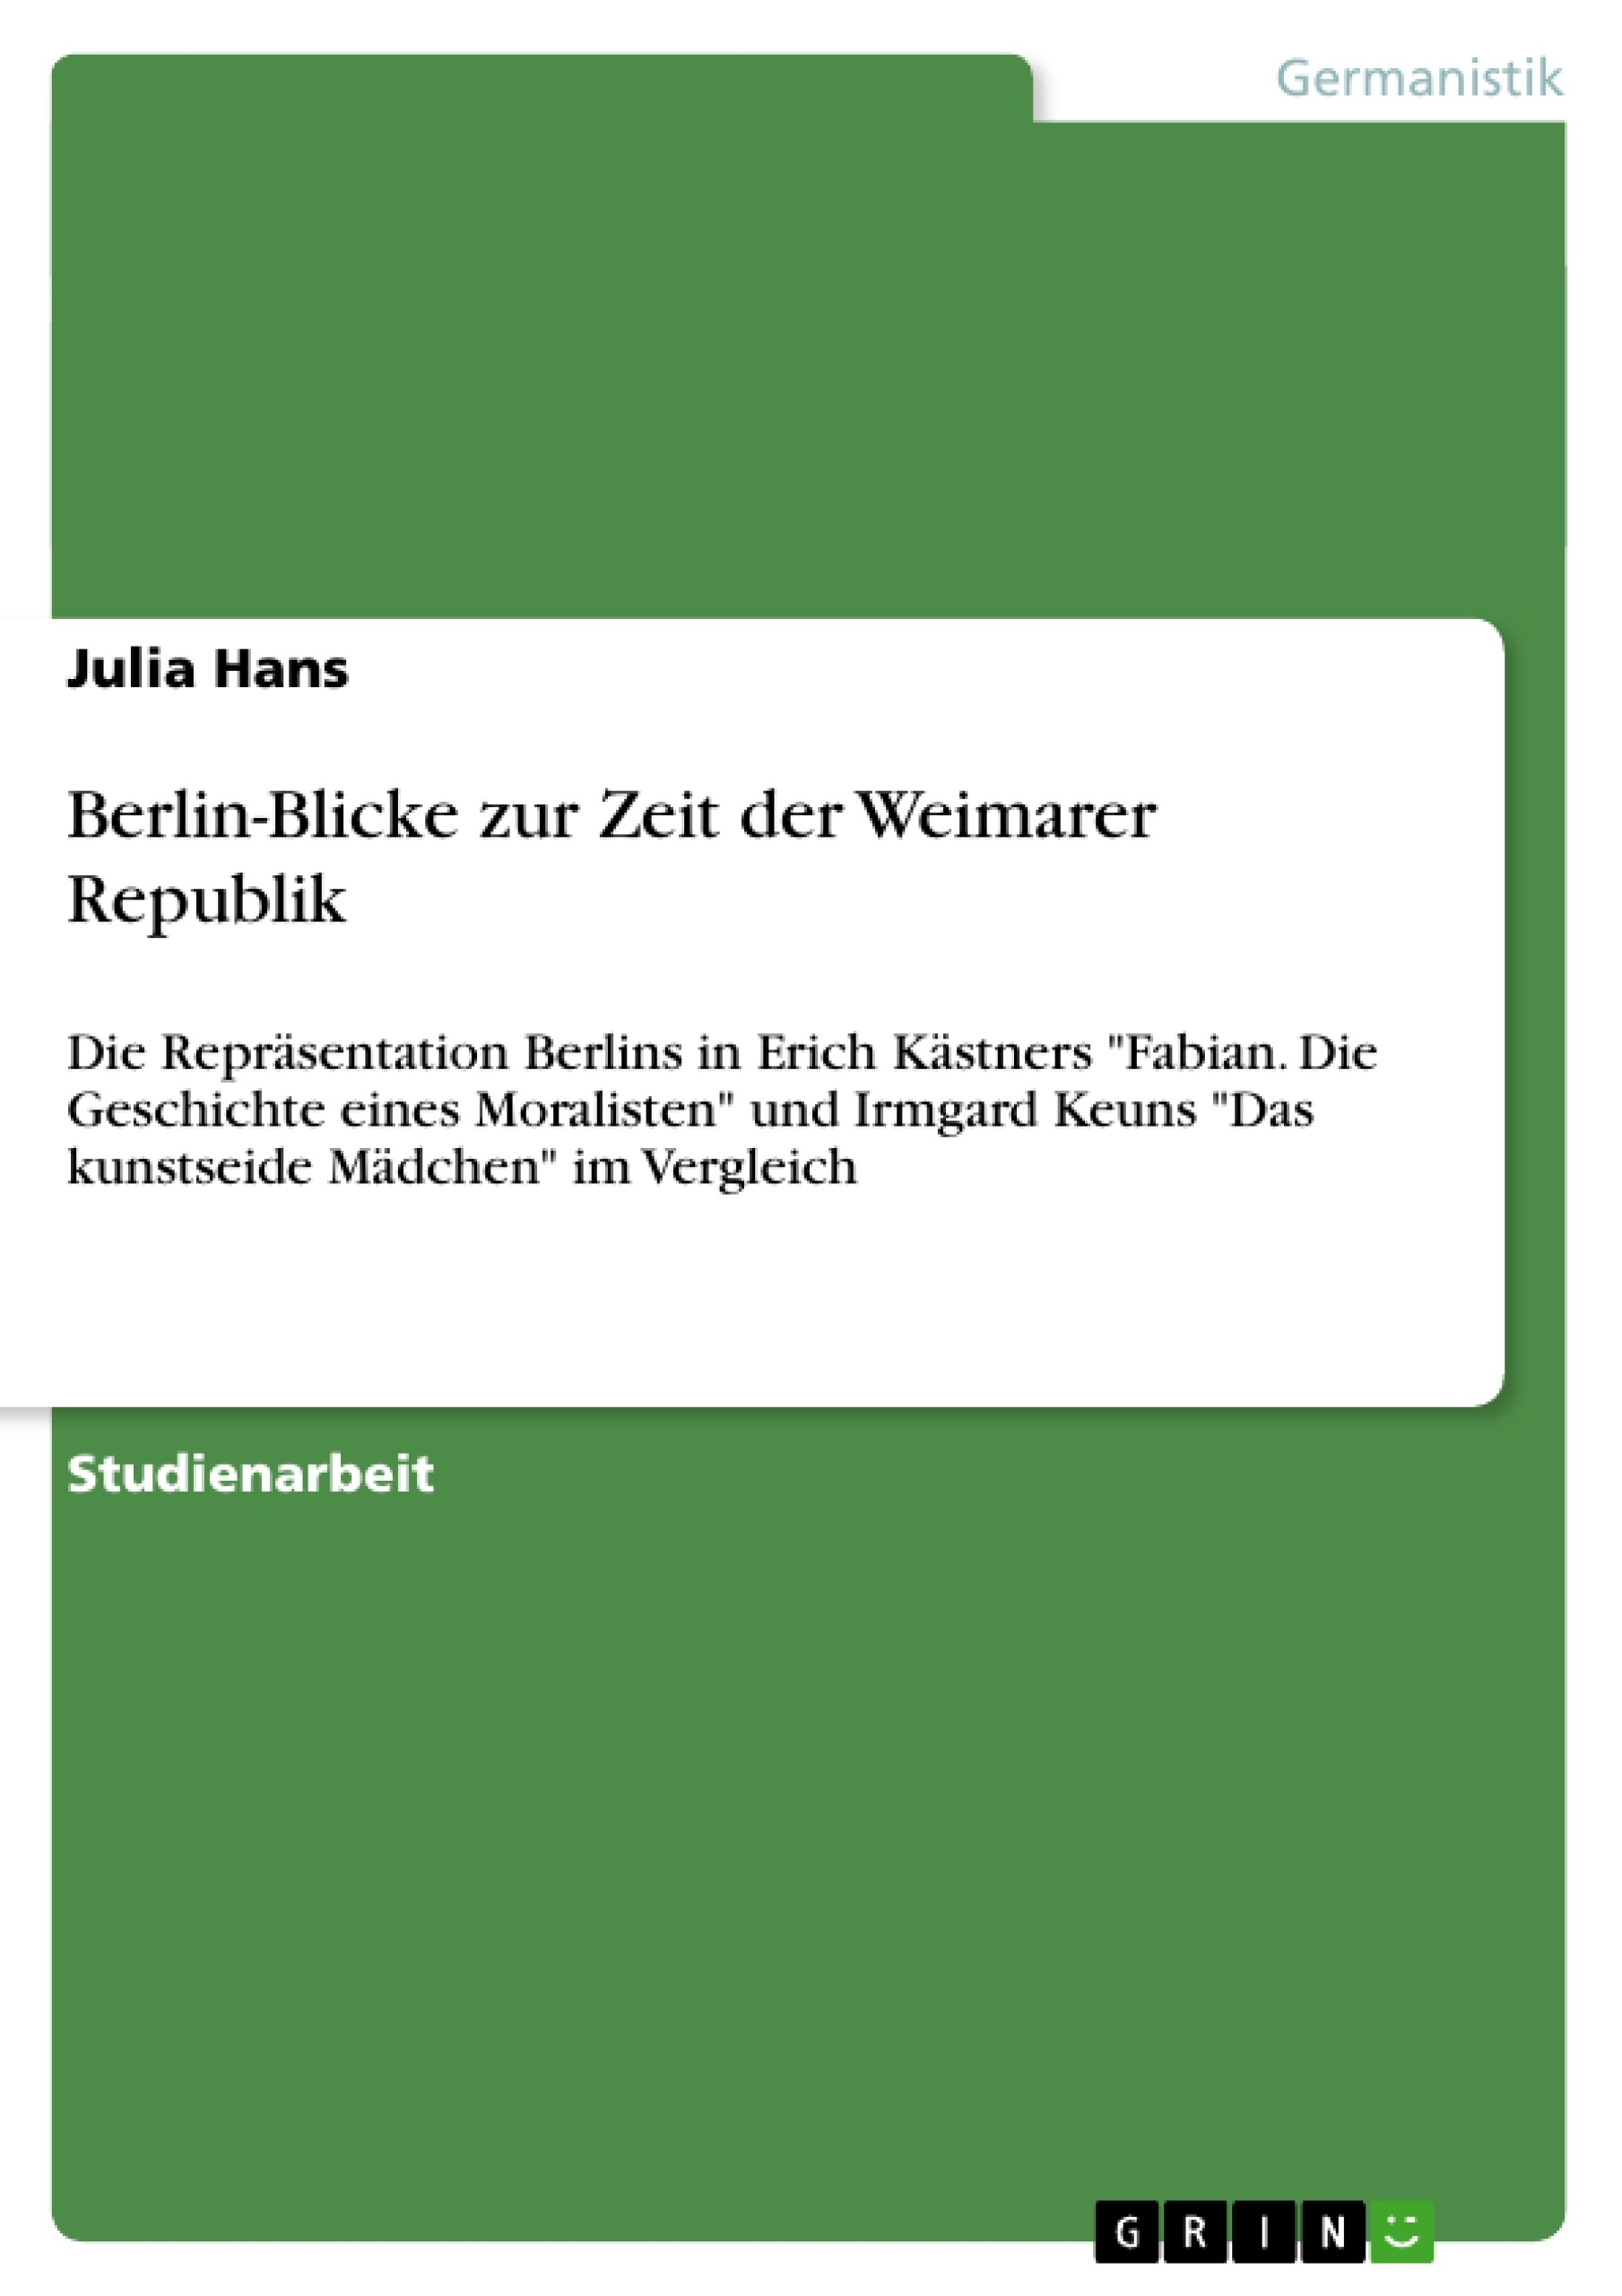 Titel: Berlin-Blicke zur Zeit der Weimarer Republik